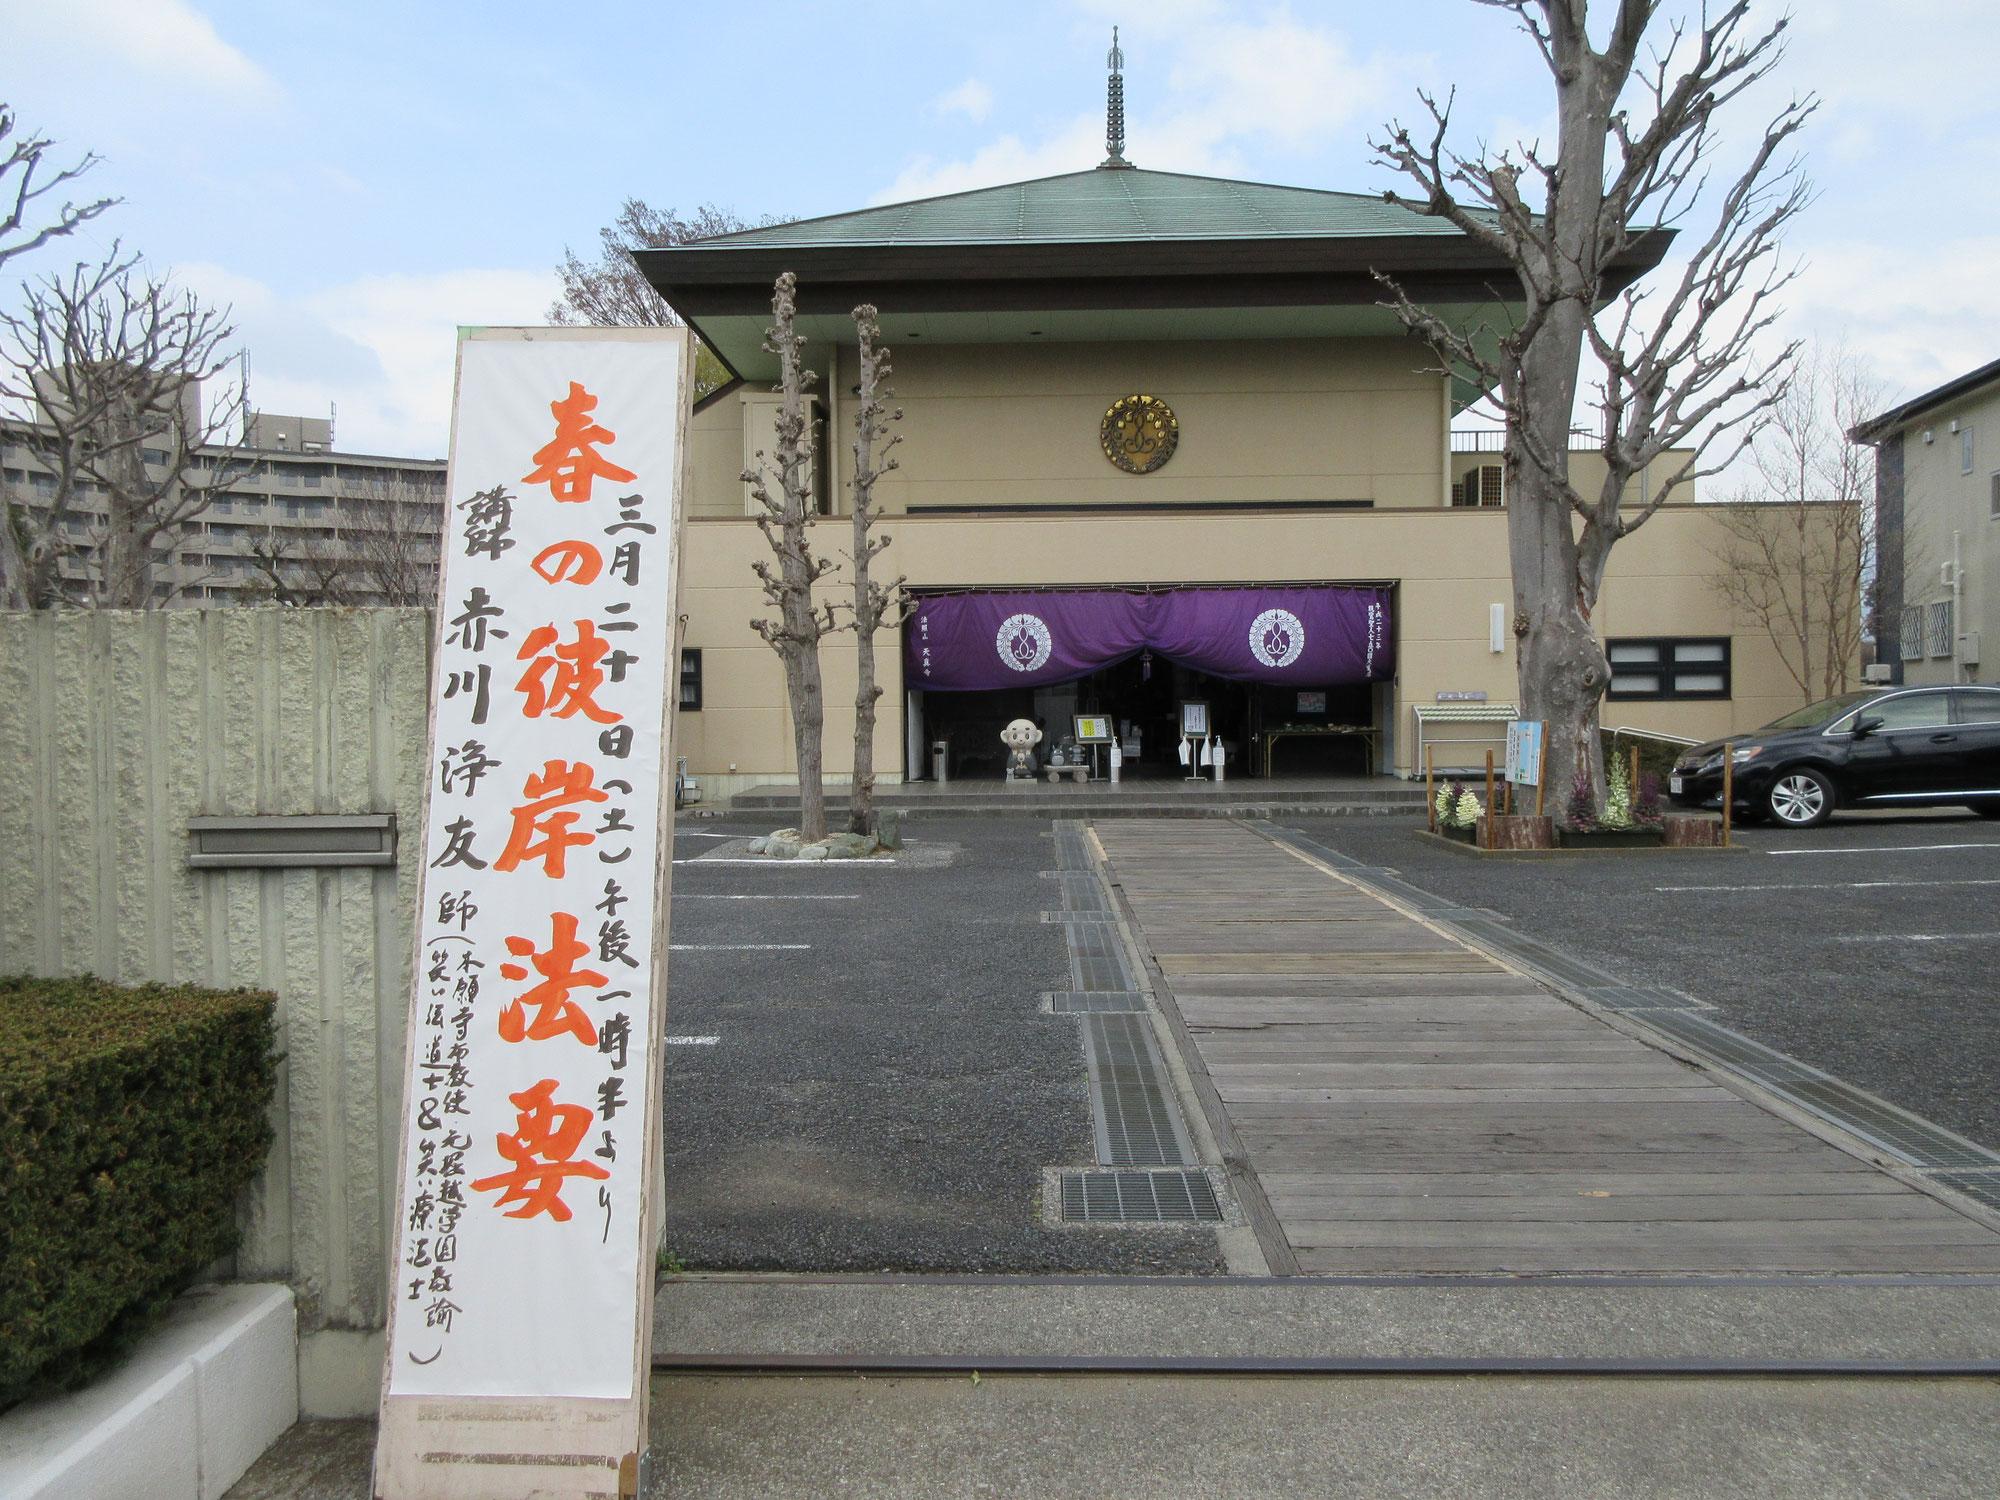 松戸・天真寺春の彼岸法要